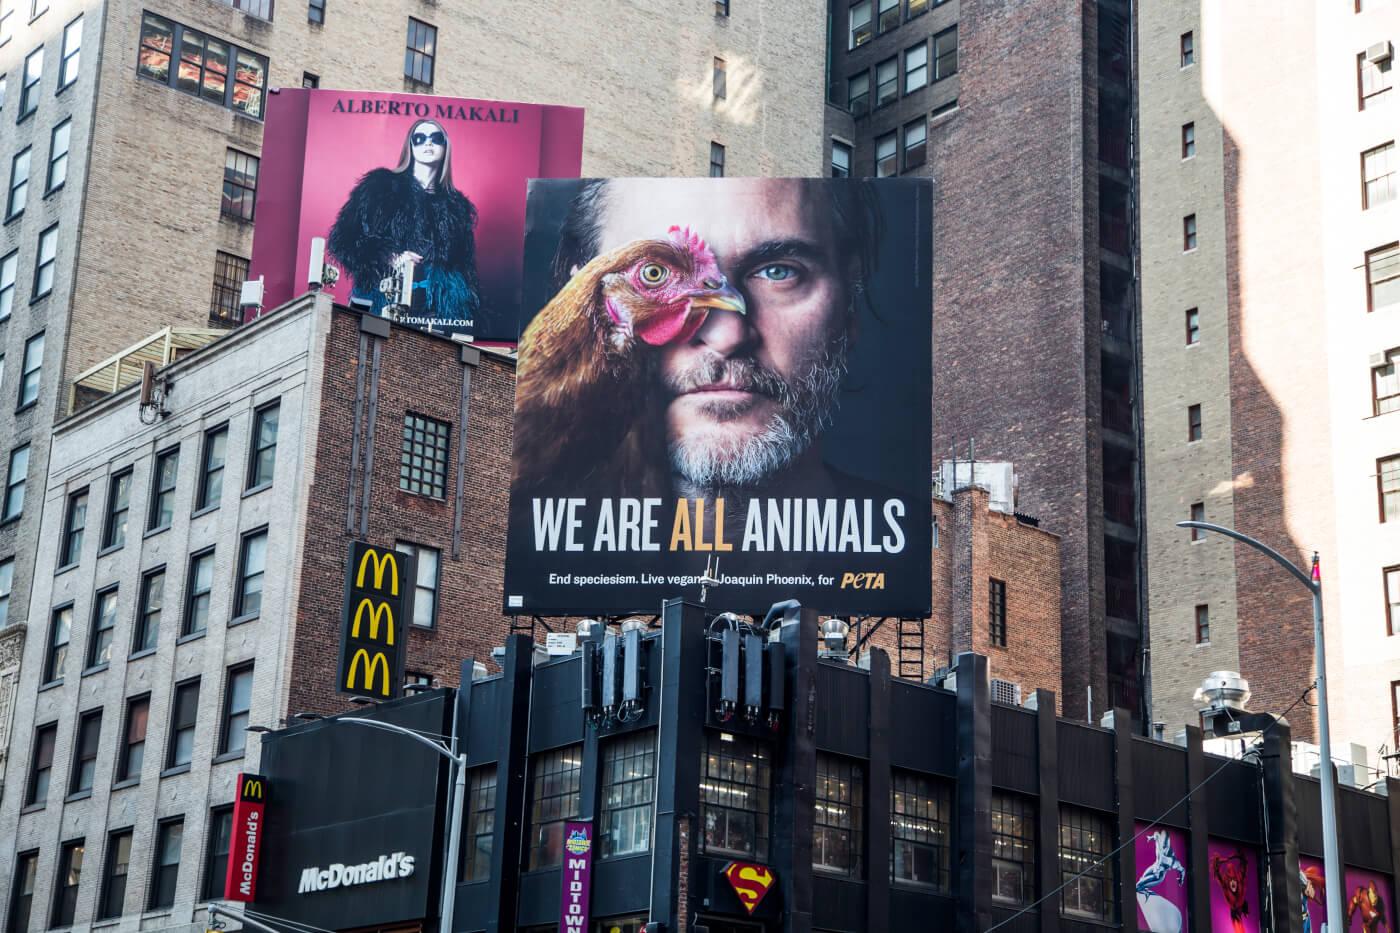 We Are All Animals Billboard